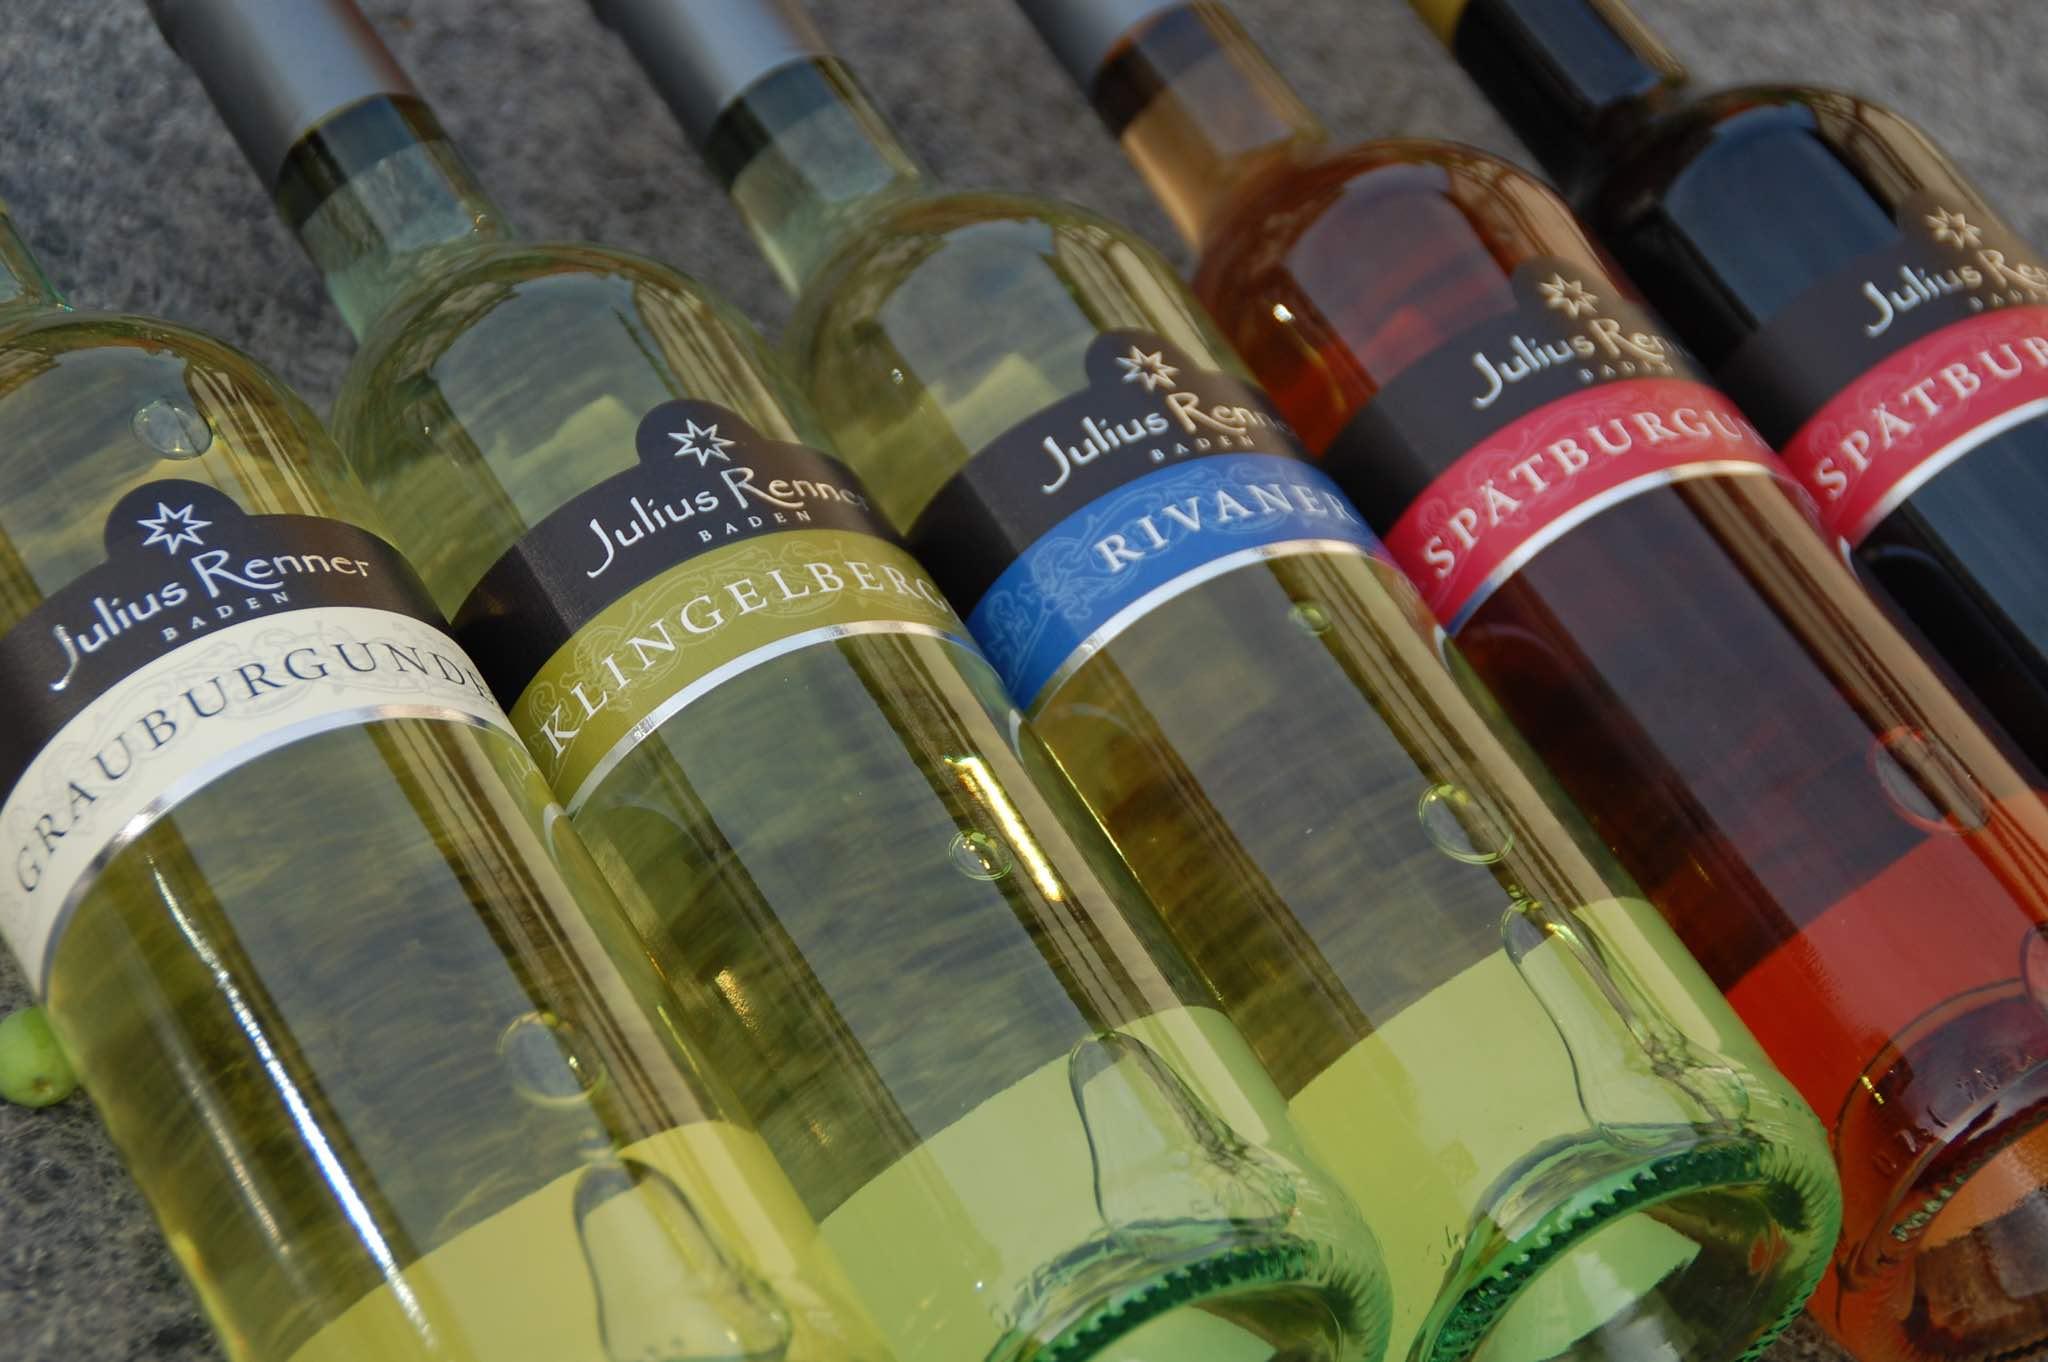 Fantastic Weinflasche Gemütlich Häkelmuster Ensign - Decke Stricken ...